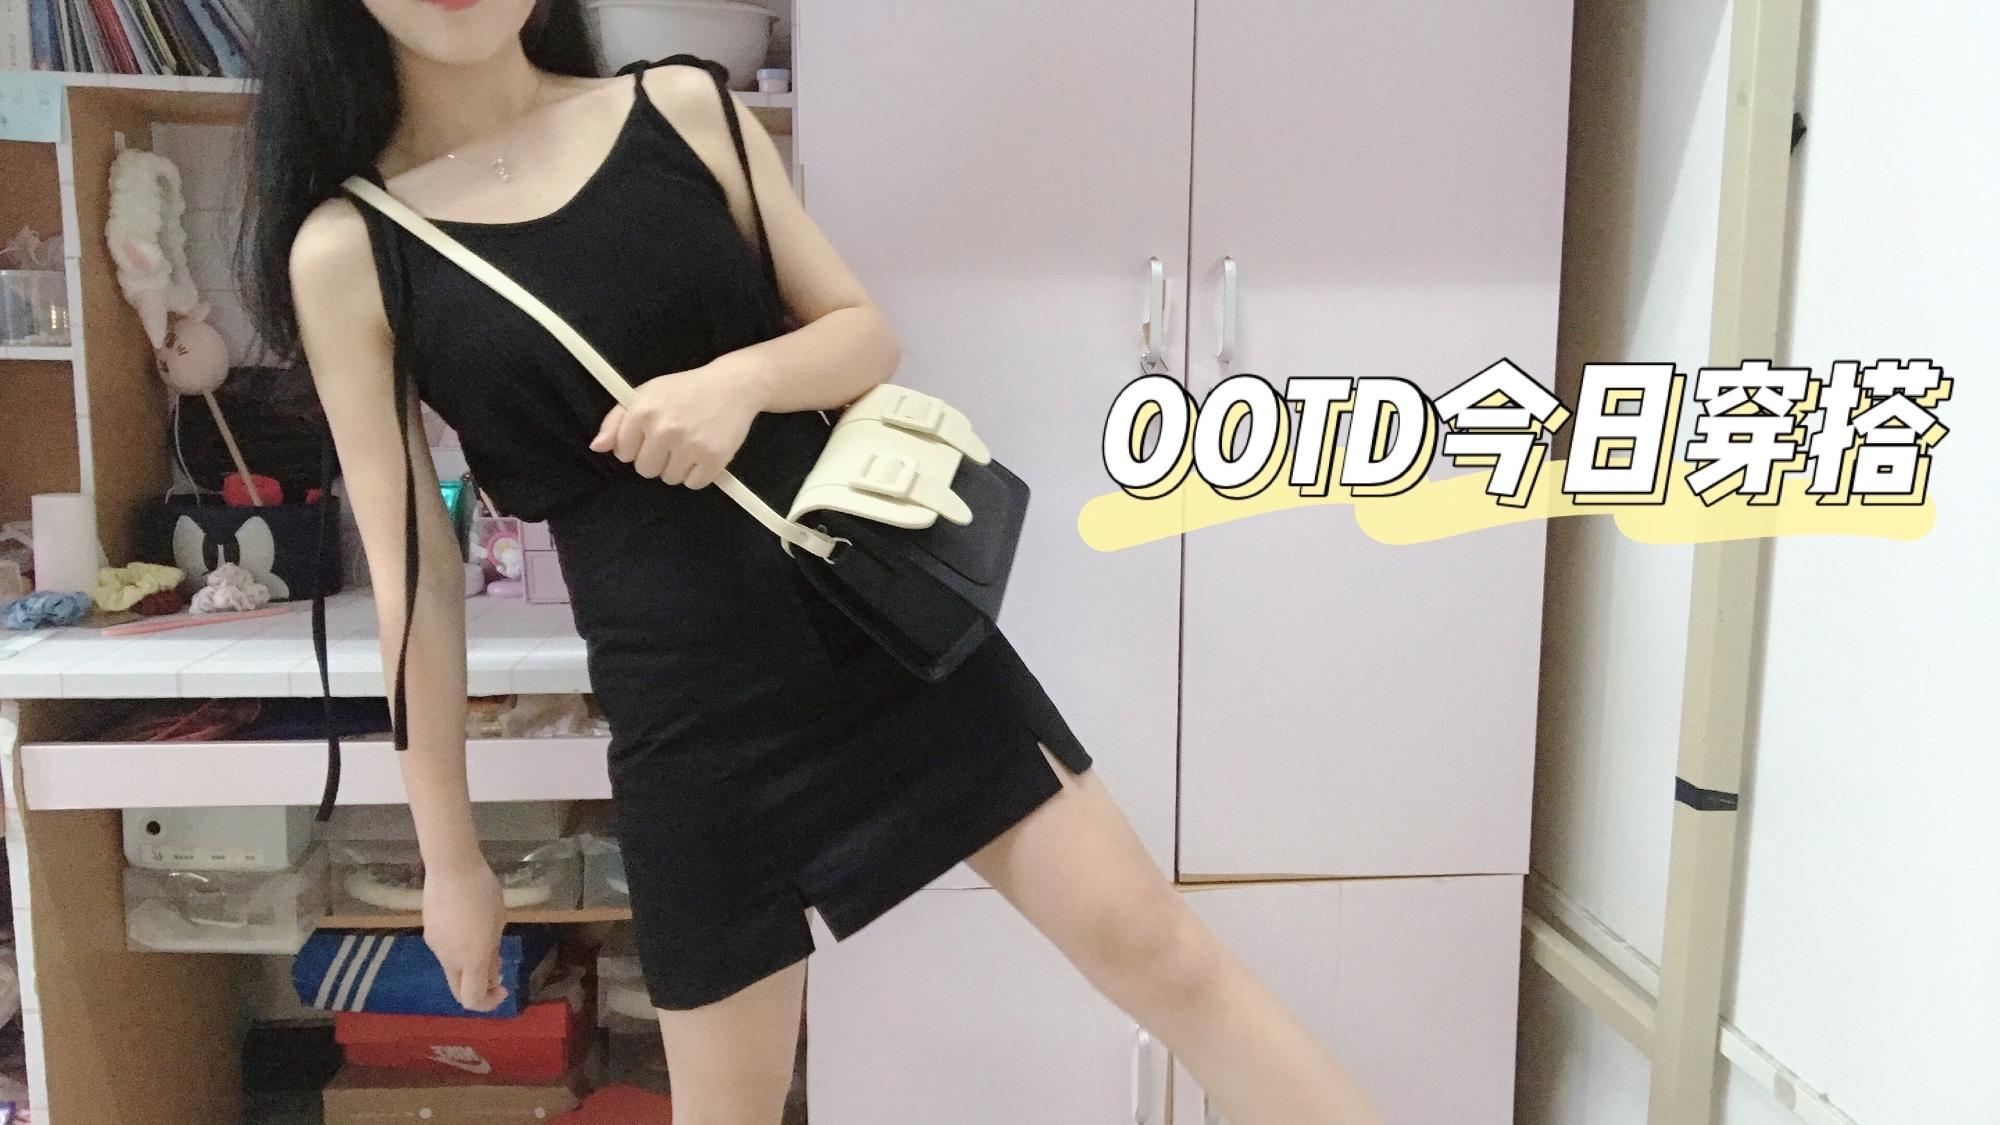 【超A新生计划】夏日甜酷girl休闲酷飒穿搭,研究生学姐全黑搭配可盐可甜!